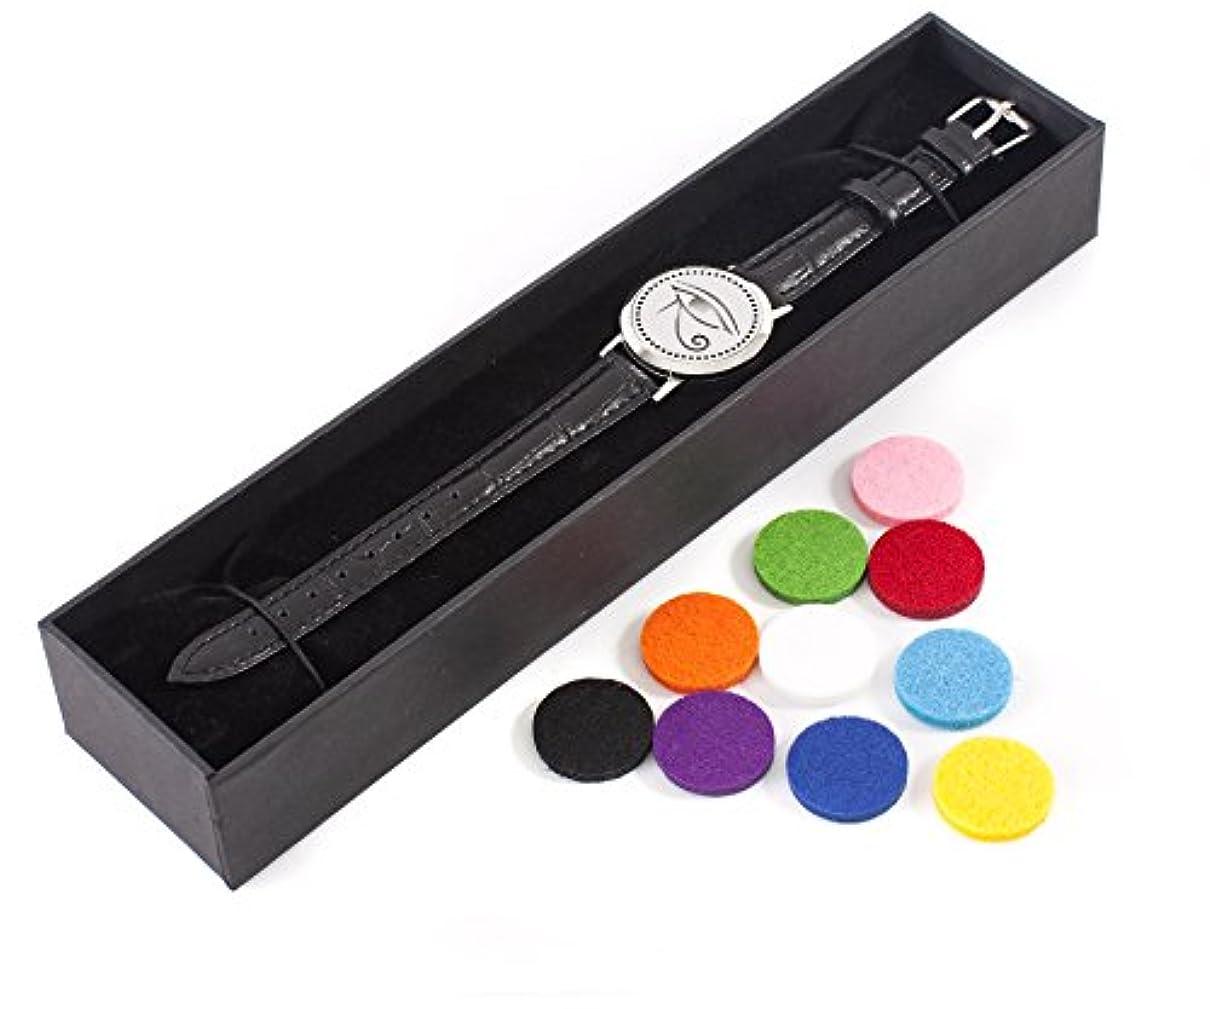 マーク眠っている正当なMystic Moments | Eye of Horus | Aromatherapy Oil Diffuser Bracelet with Adjustable Black Leather Strap